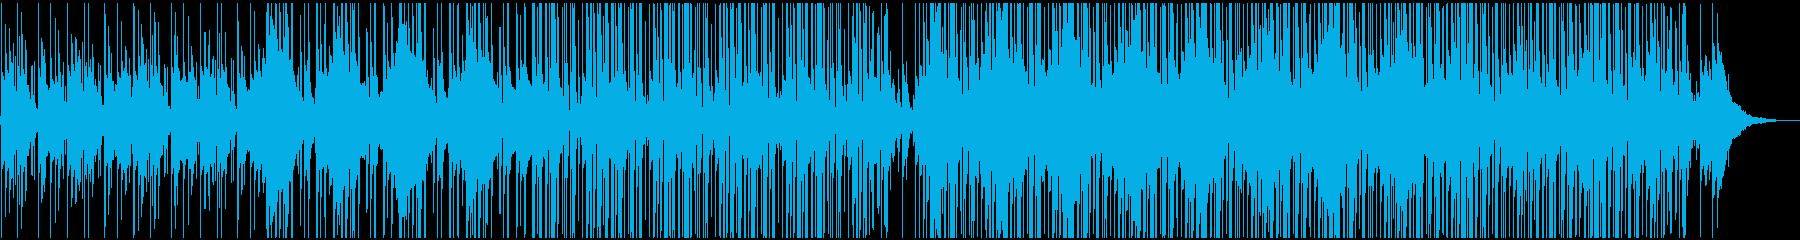 哀愁のLoFi HipHopの再生済みの波形